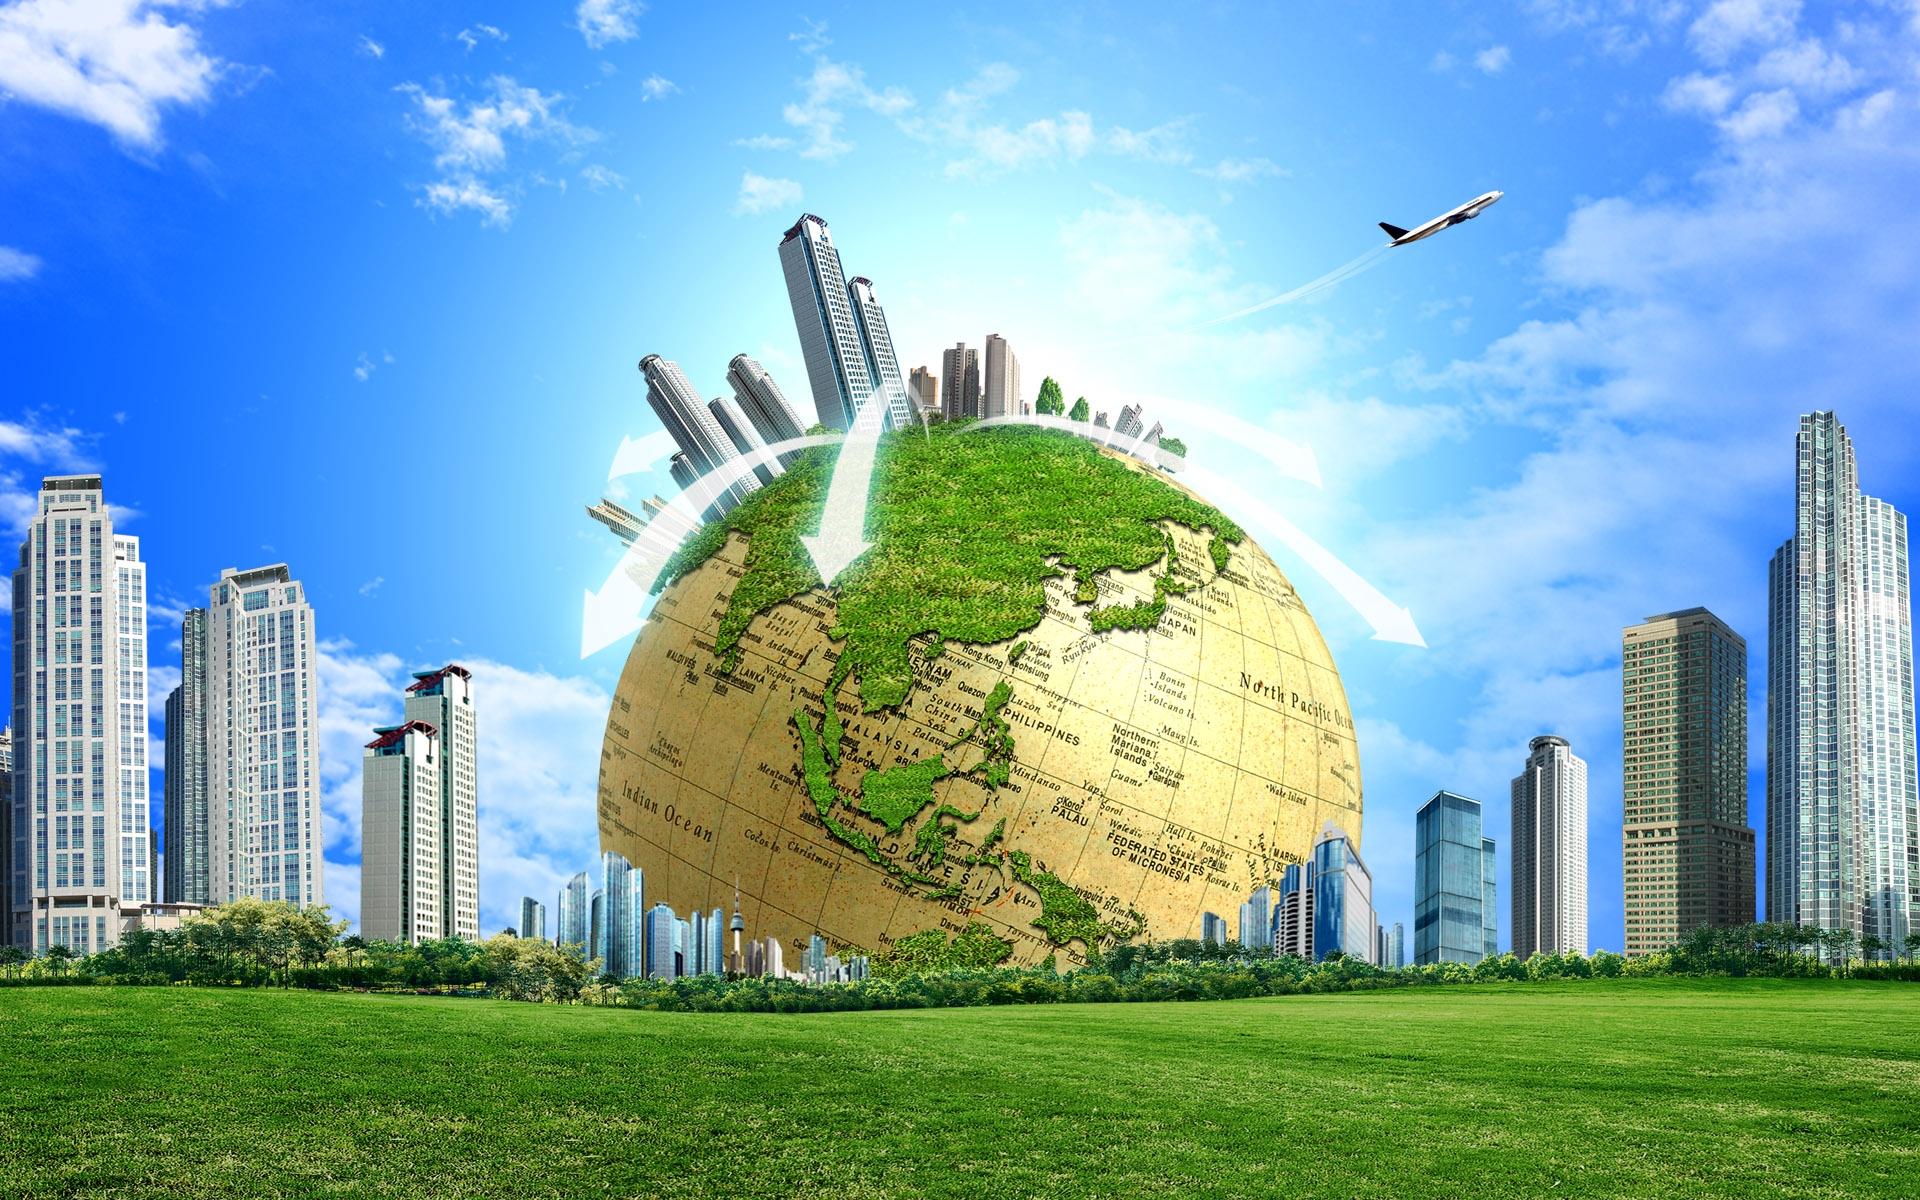 Fuera Mitos: Centrémonos En Eficiencia Energética Y Consumo Responsable